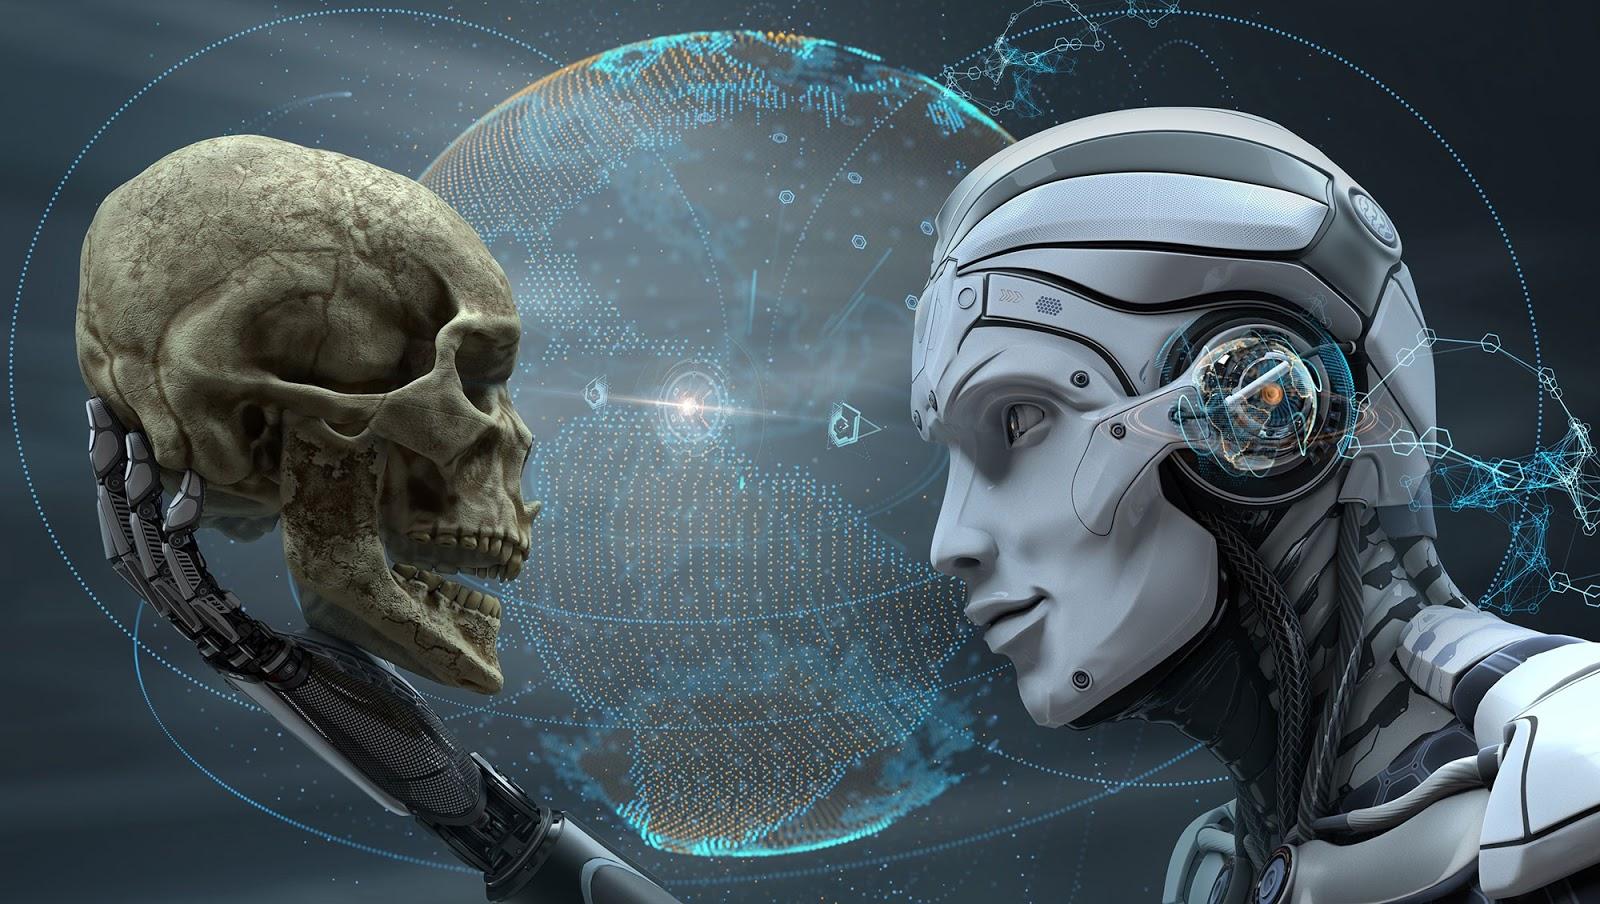 Posthumanismo y transhumanismo - Revista Algoritmo